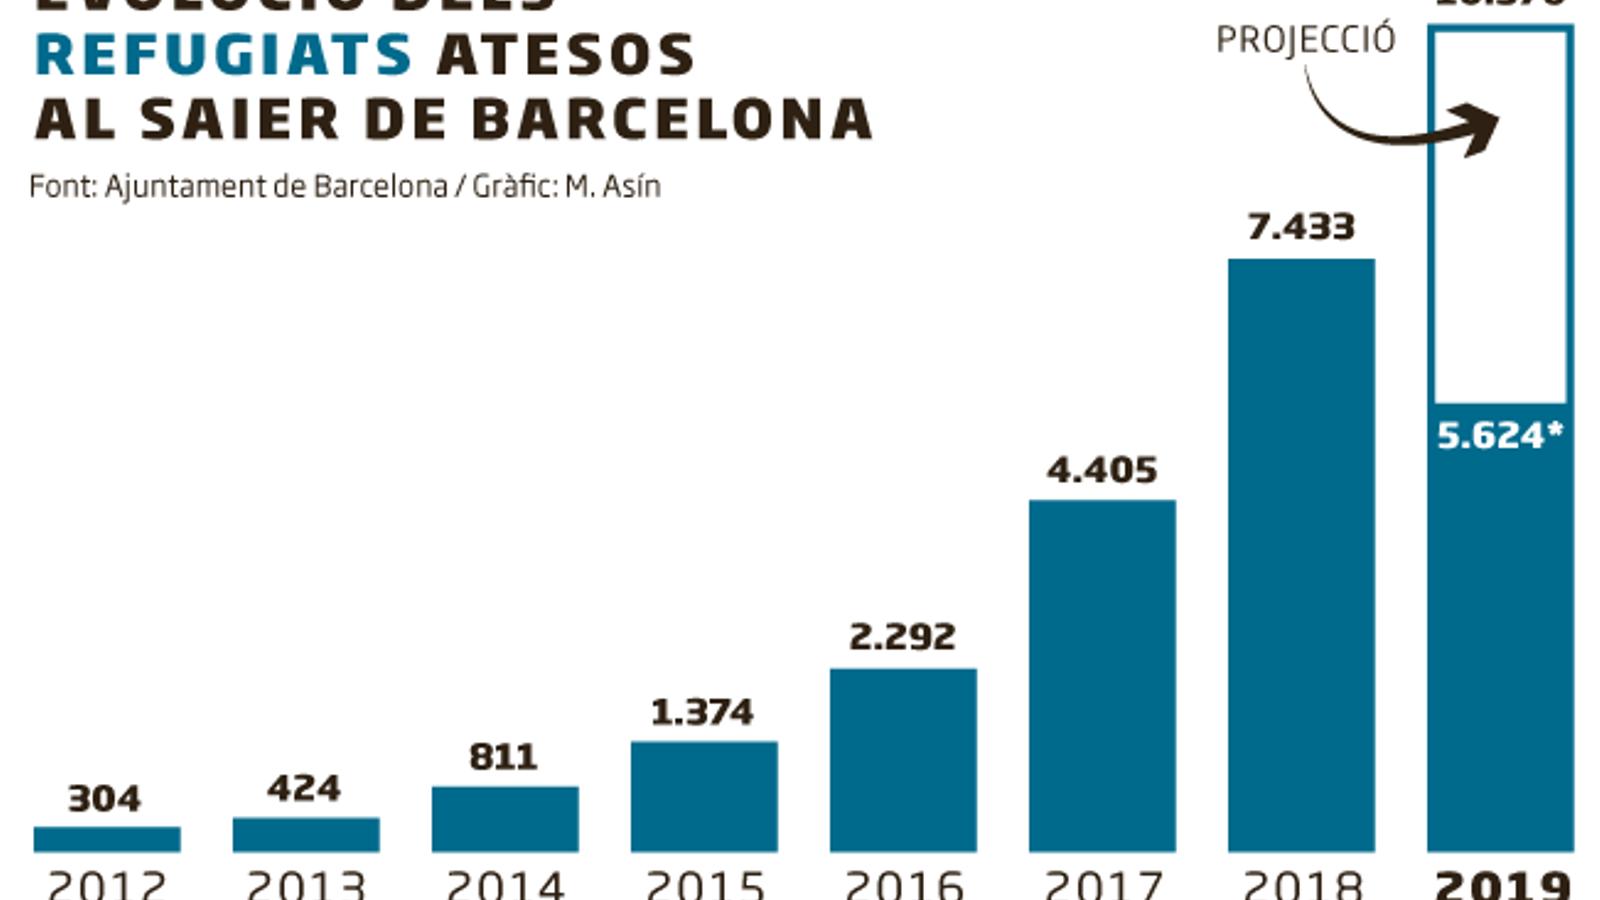 Barcelona atendrà aquest any més de 10.300 refugiats, gairebé vuit vegades més que el 2015